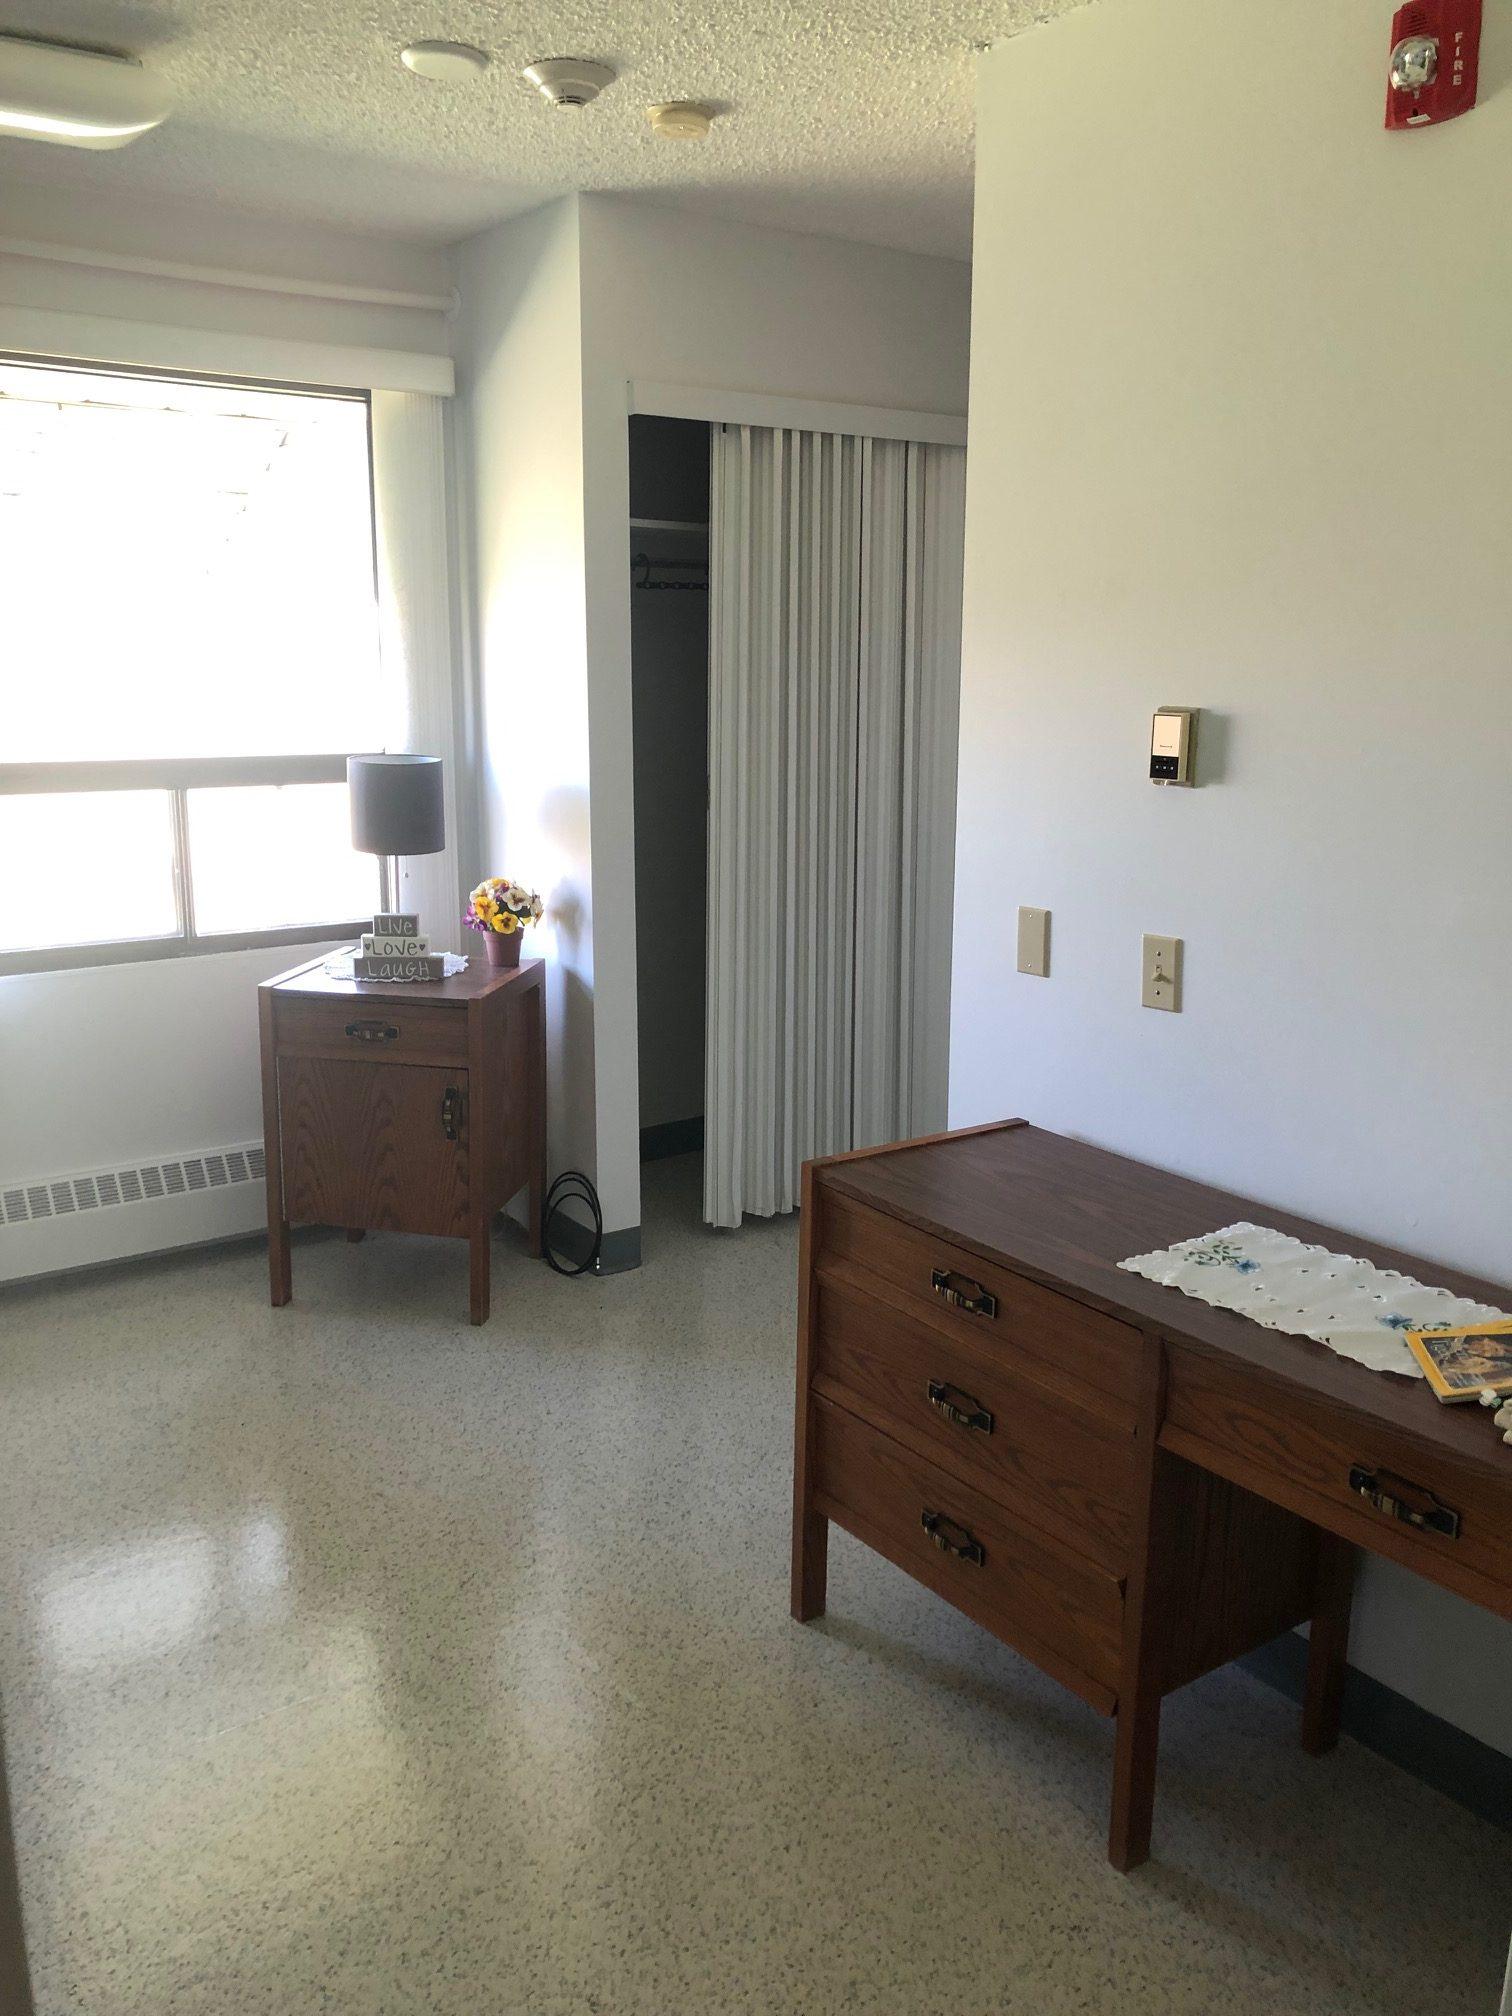 Holden Lodge Bedroom 2